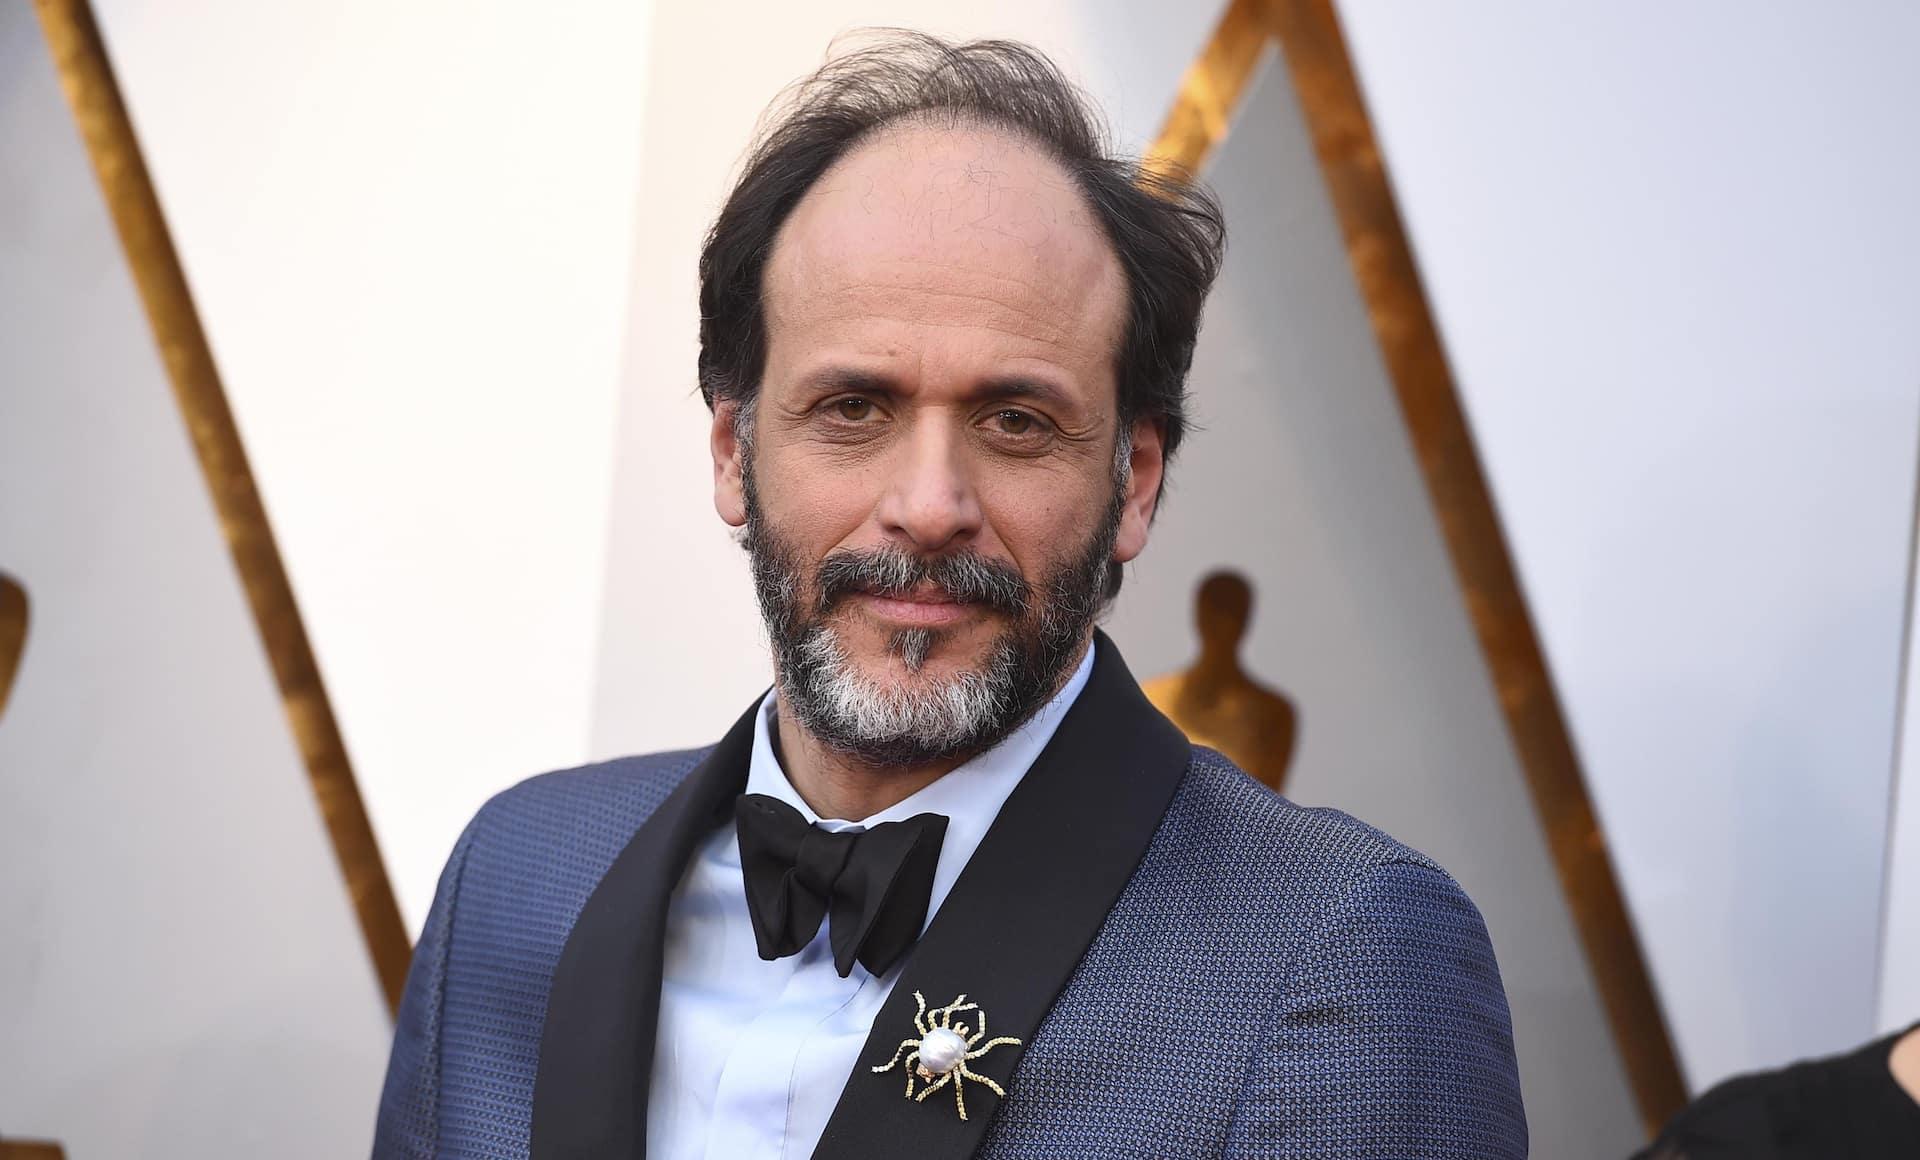 Luca Guadagnino (Divulgação)